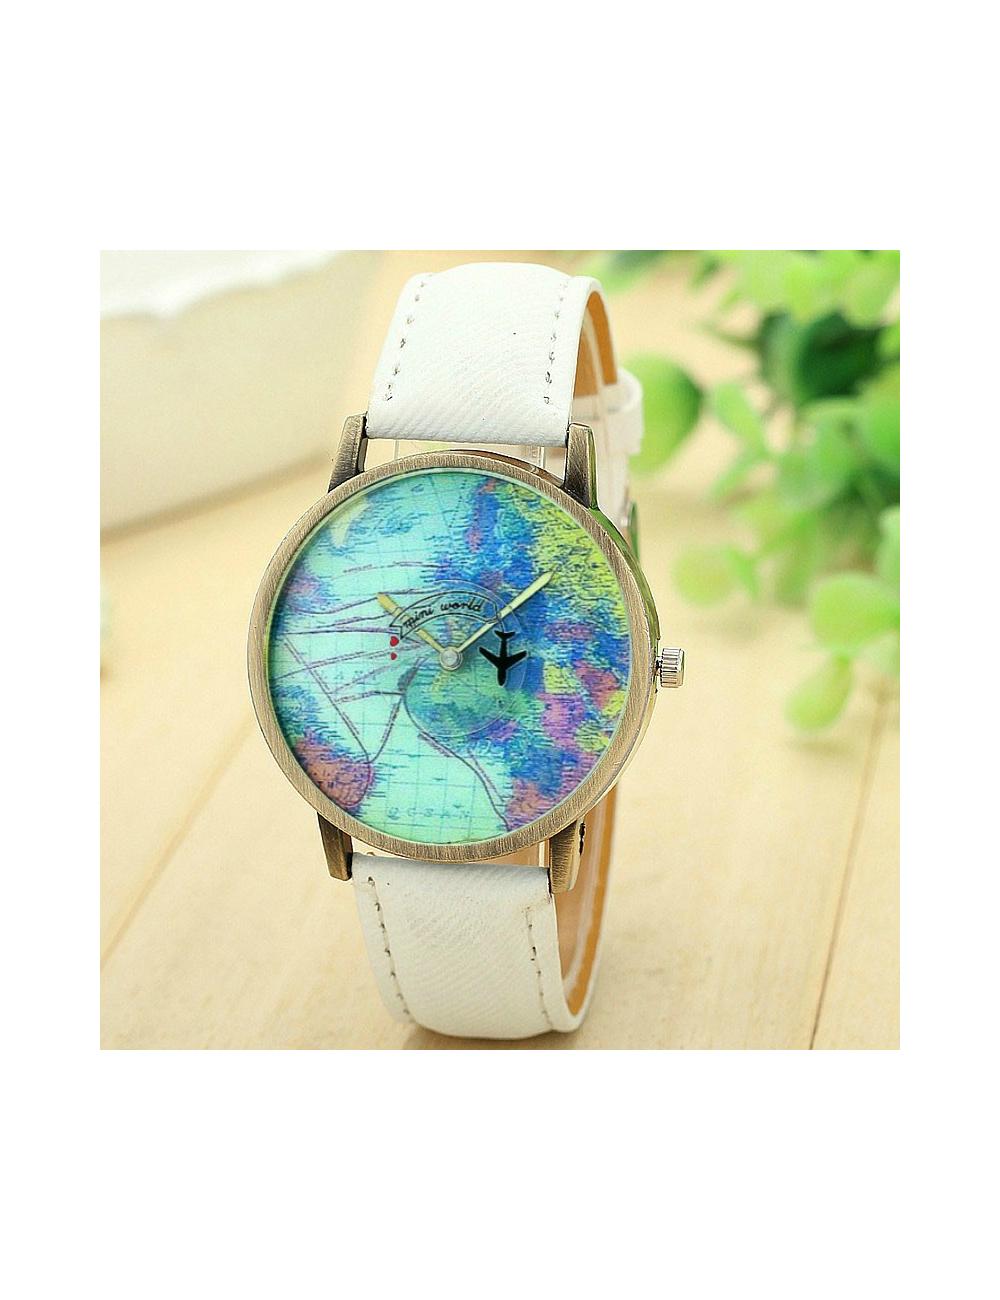 Reloj Mini World Dayoshop 31,900.00